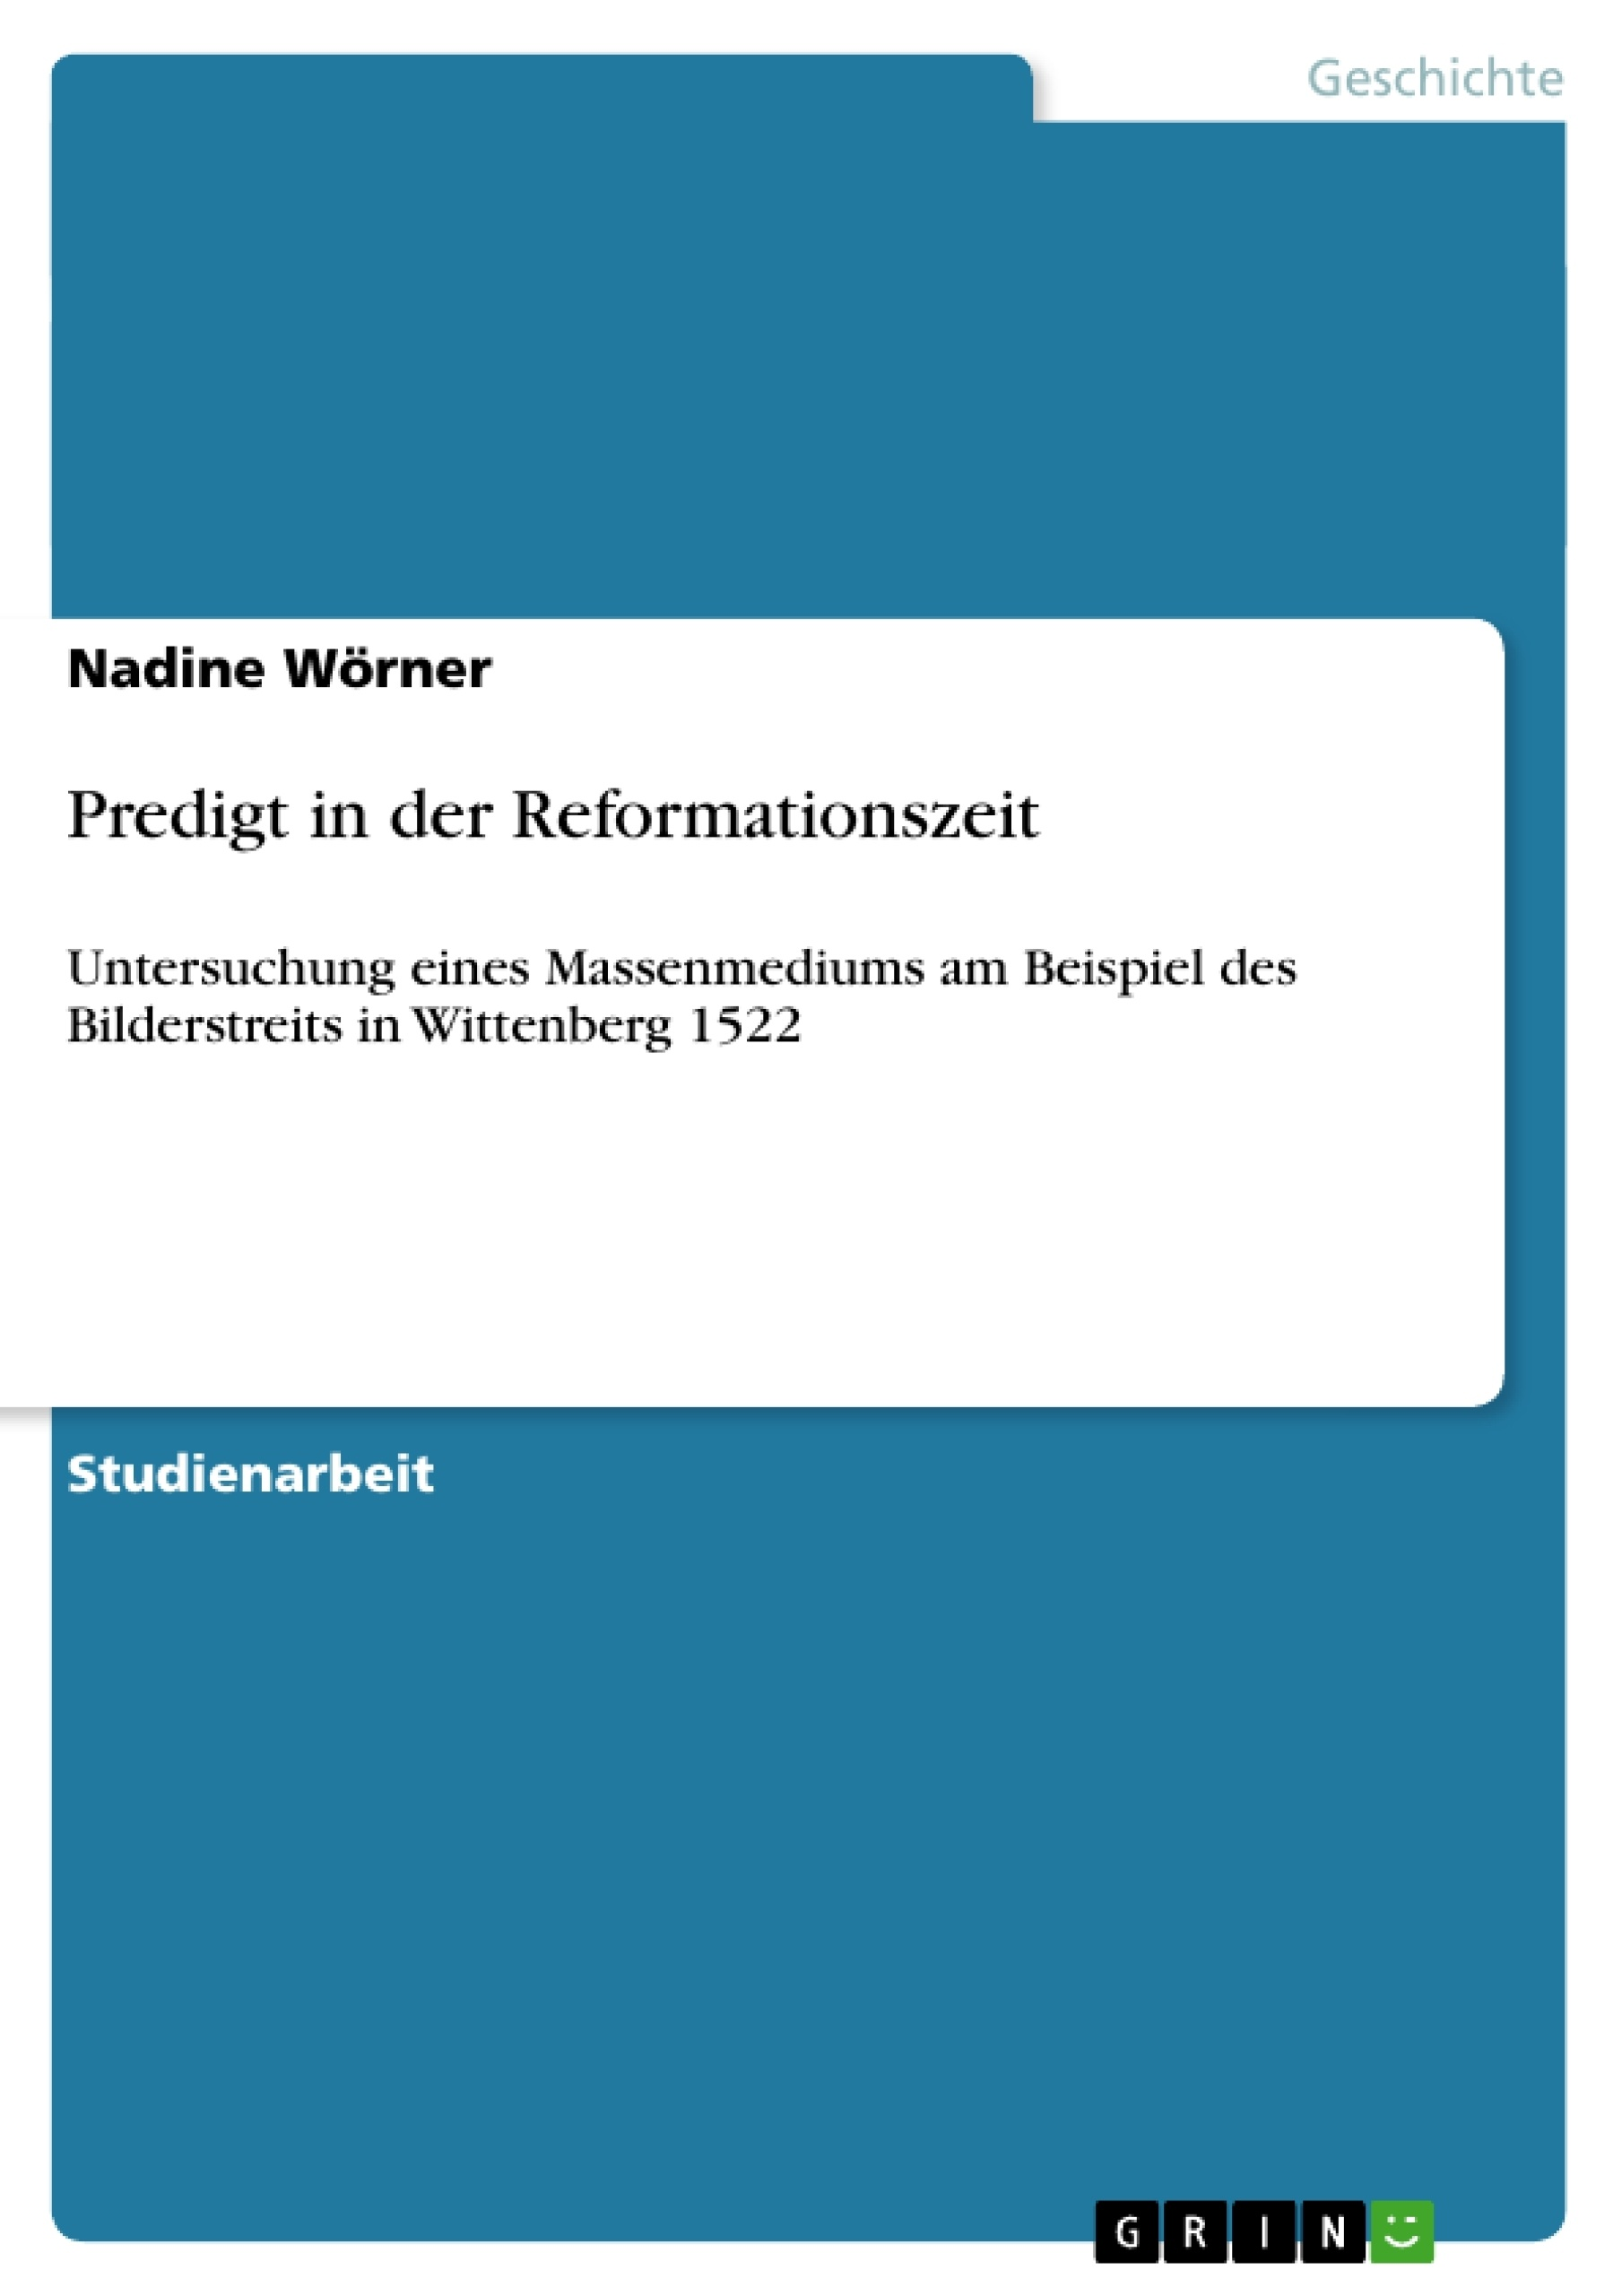 Titel: Predigt in der Reformationszeit